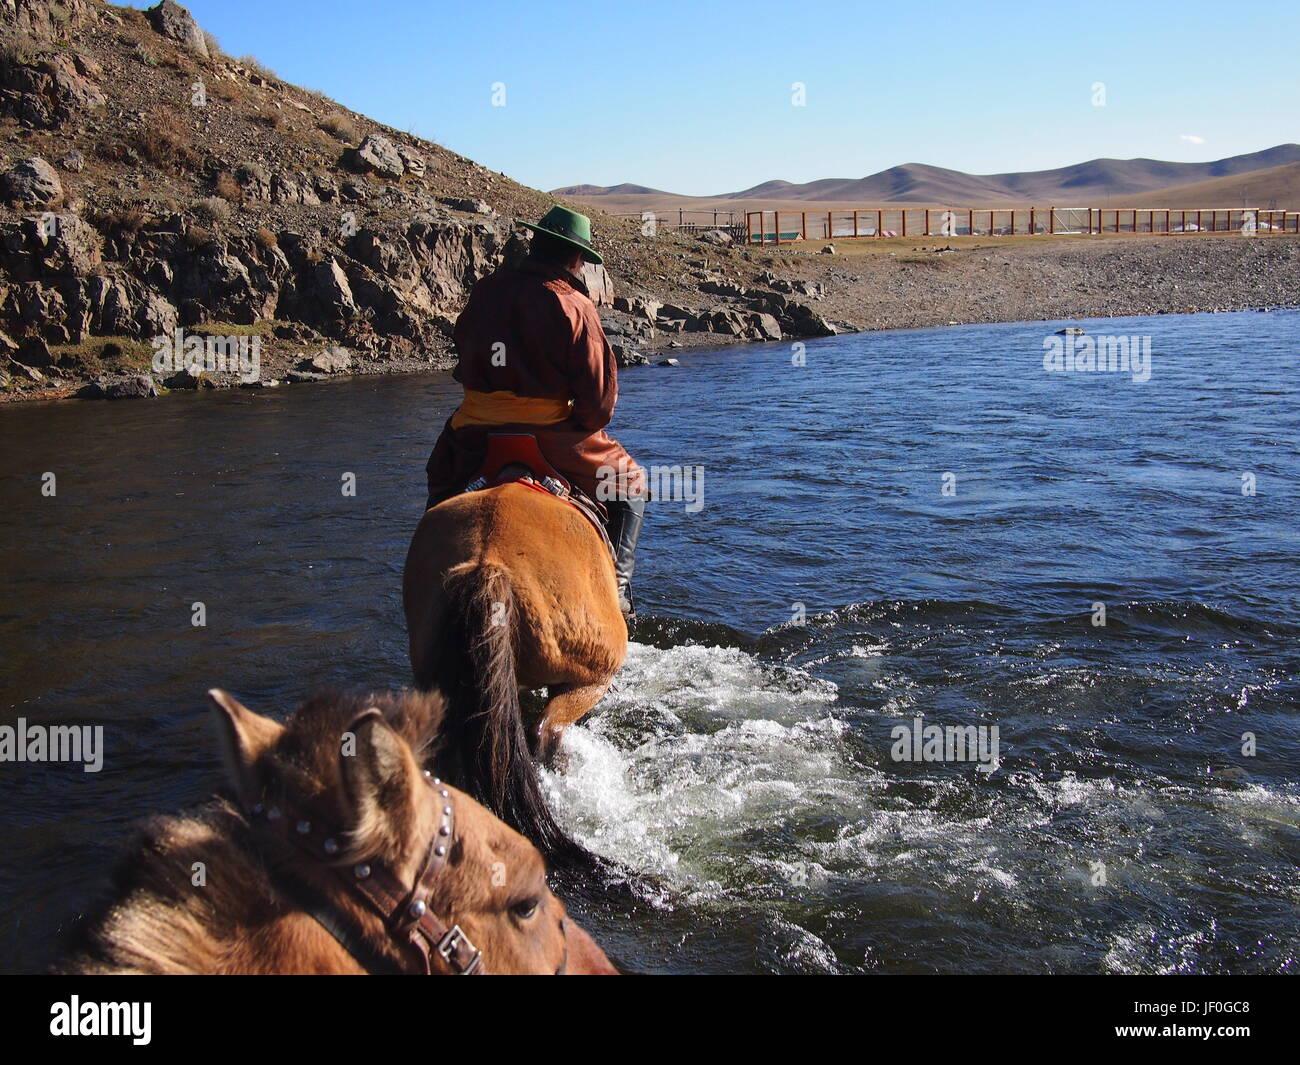 Gorkhi Terelj National Park, Mongolia - 01 October, 2016: Mongolian herder crossing a river on horseback - Stock Image